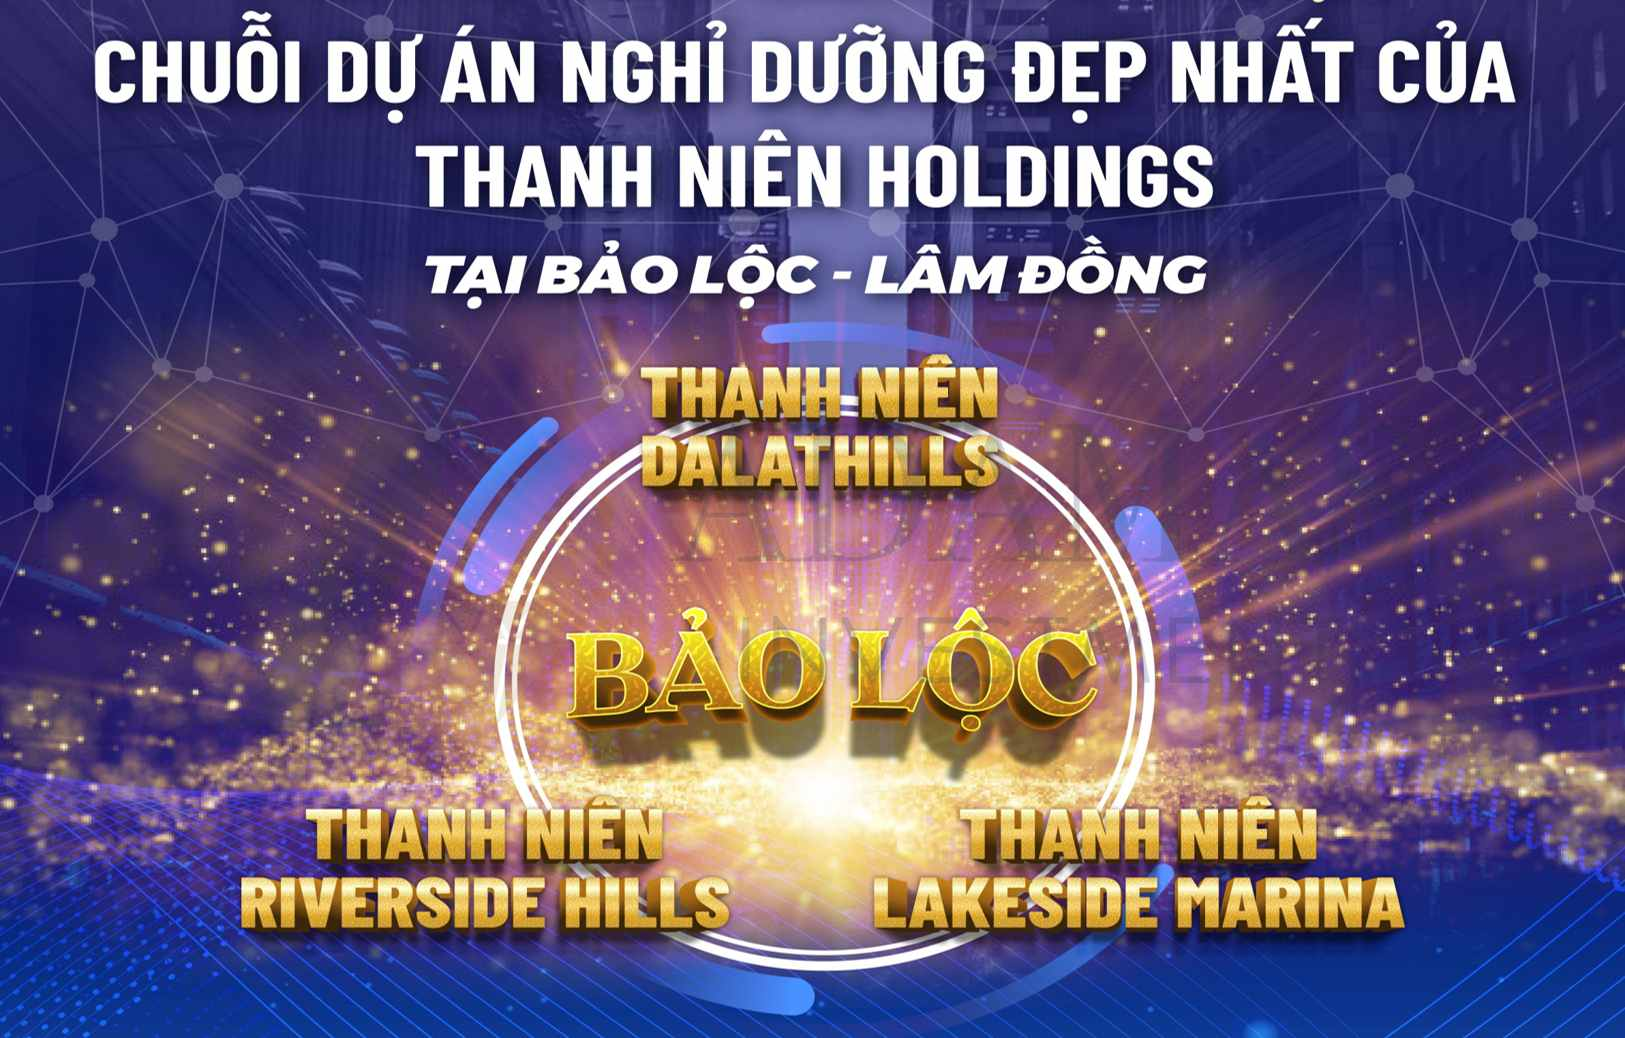 Bất động sản Lâm Đồng - Chuỗi dự án nghỉ dưỡng đẹp nhất của Thanh Niên Holdings tại Bảo Lộc